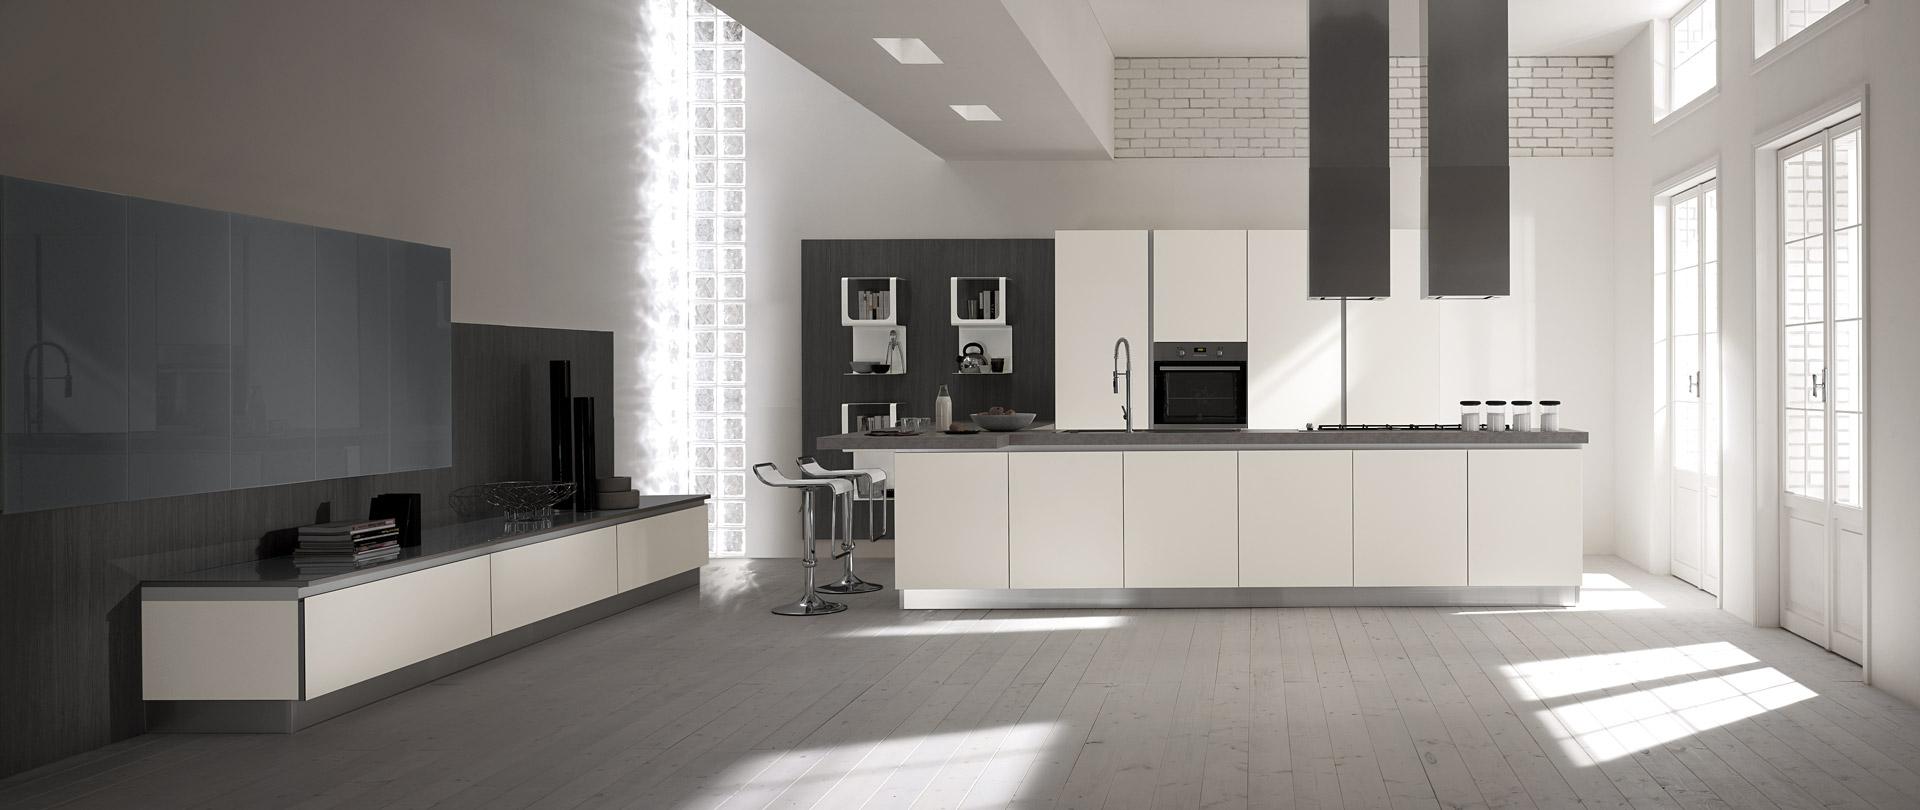 Stratos – Cucina Moderna Mobilturi